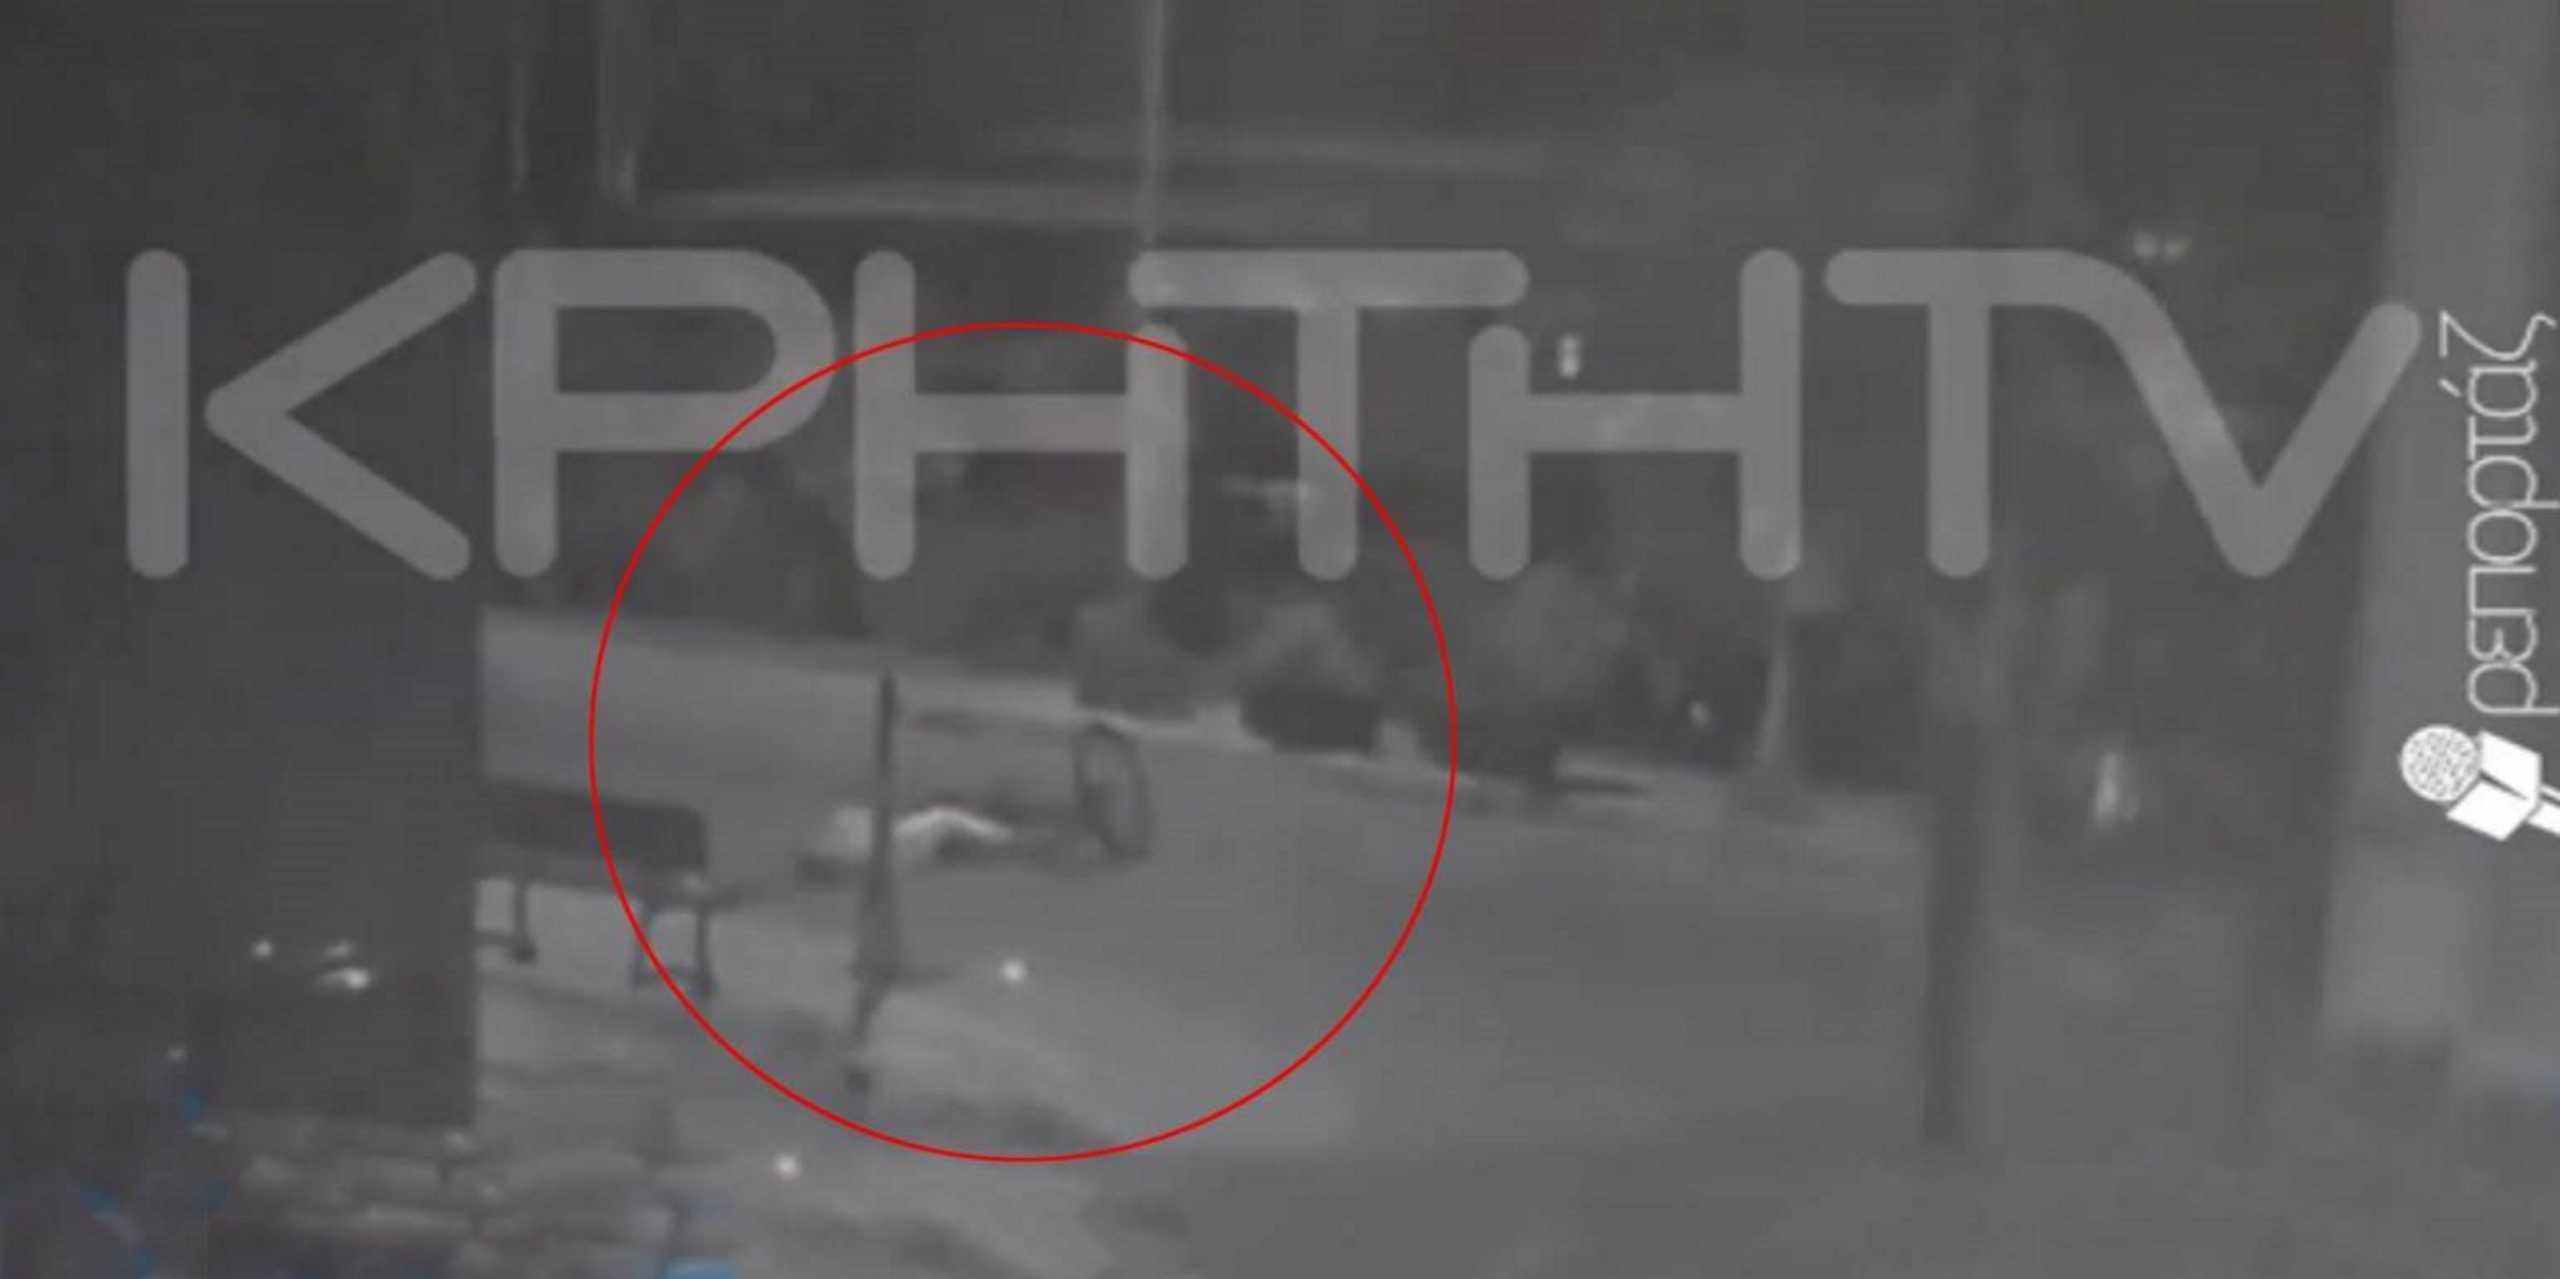 Κρήτη: Εντοπίστηκε ο οδηγός που παρέσυρε και εγκατέλειψε νεαρή ποδηλάτισσα – Αγωνία για τη μητέρα